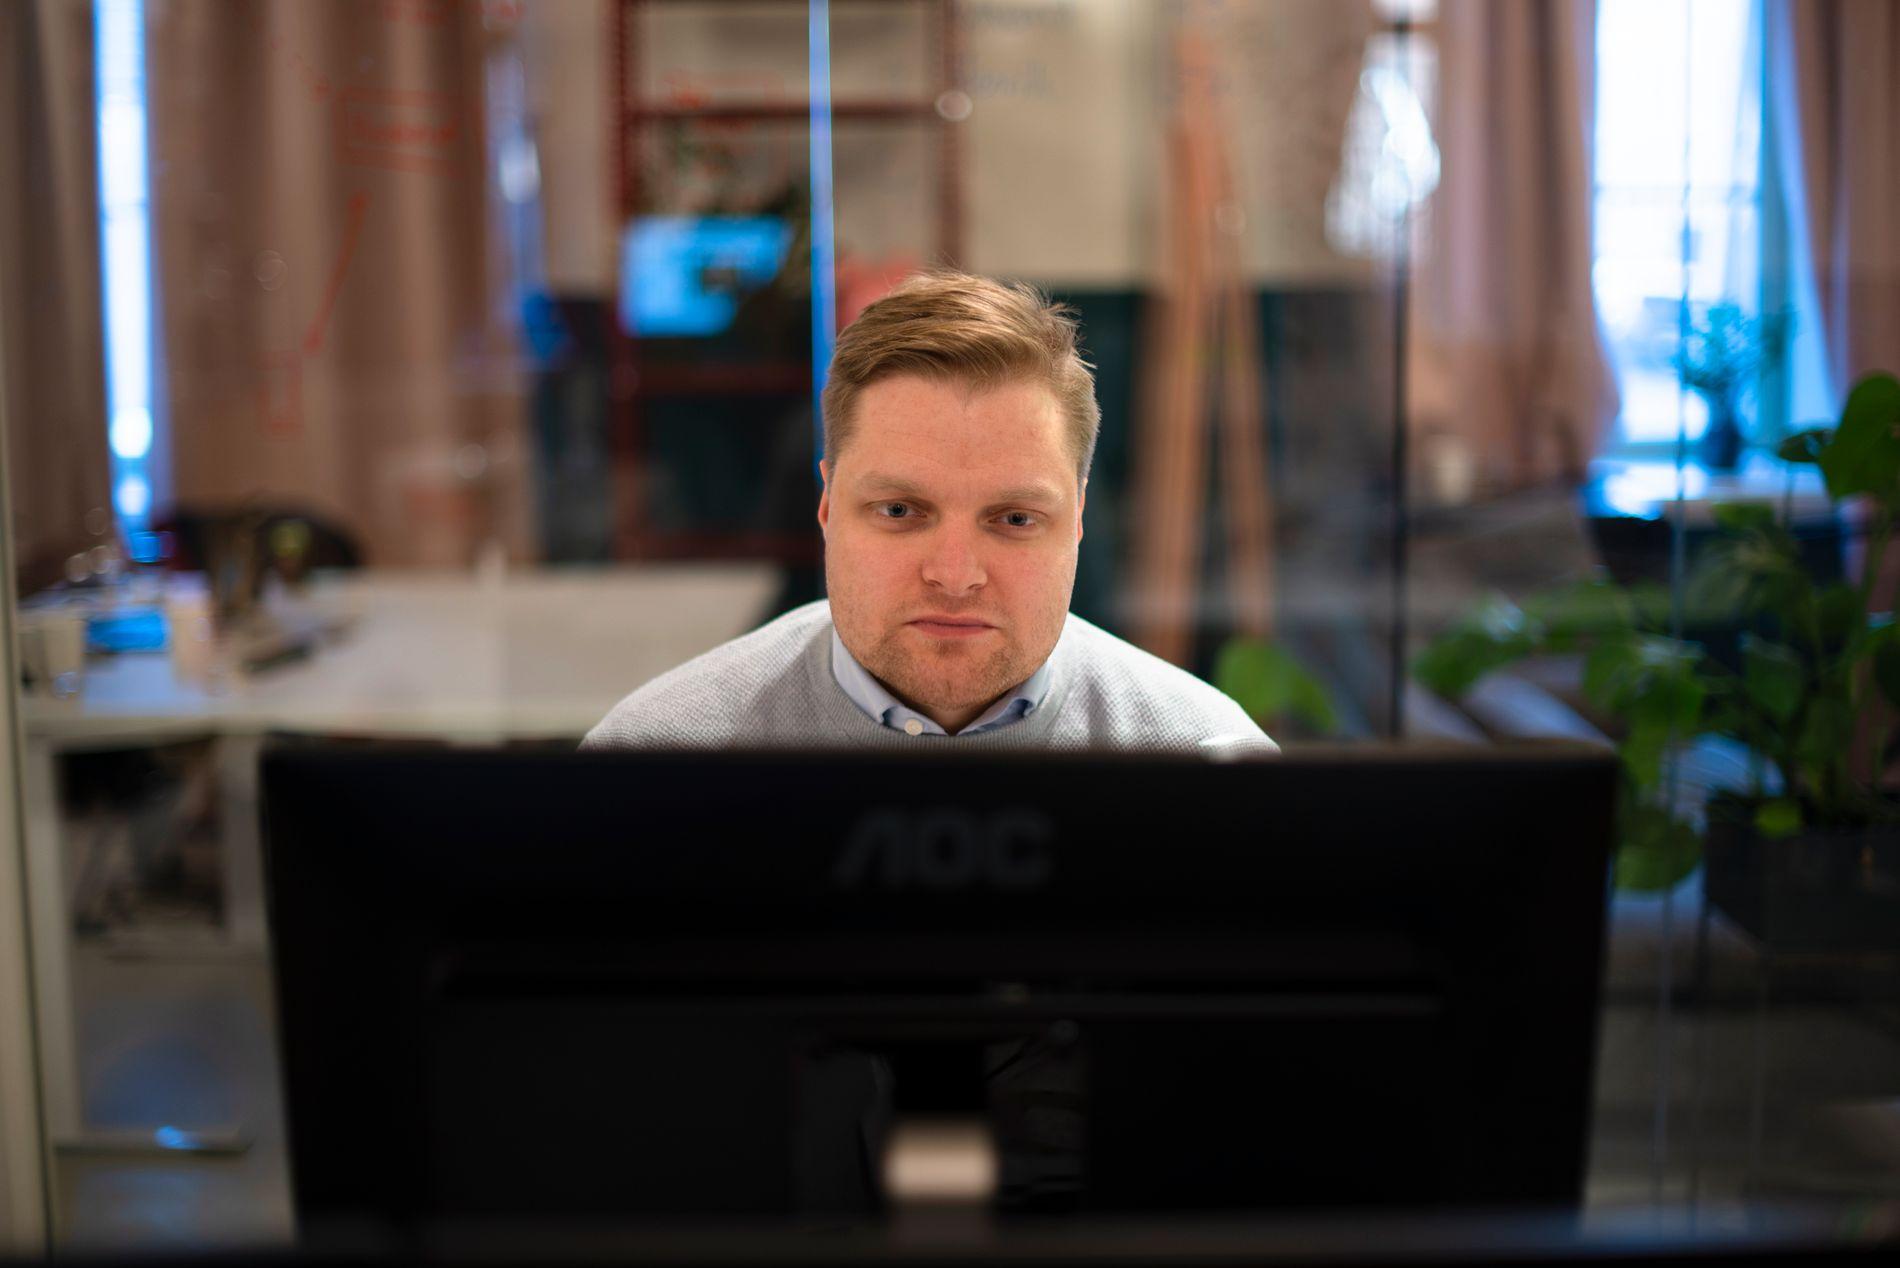 EKSPERTRÅD: Håvard Solheim i Kron sier du kan få mye igjen for å undersøke hvem som skal få passe på pensjonspengene dine